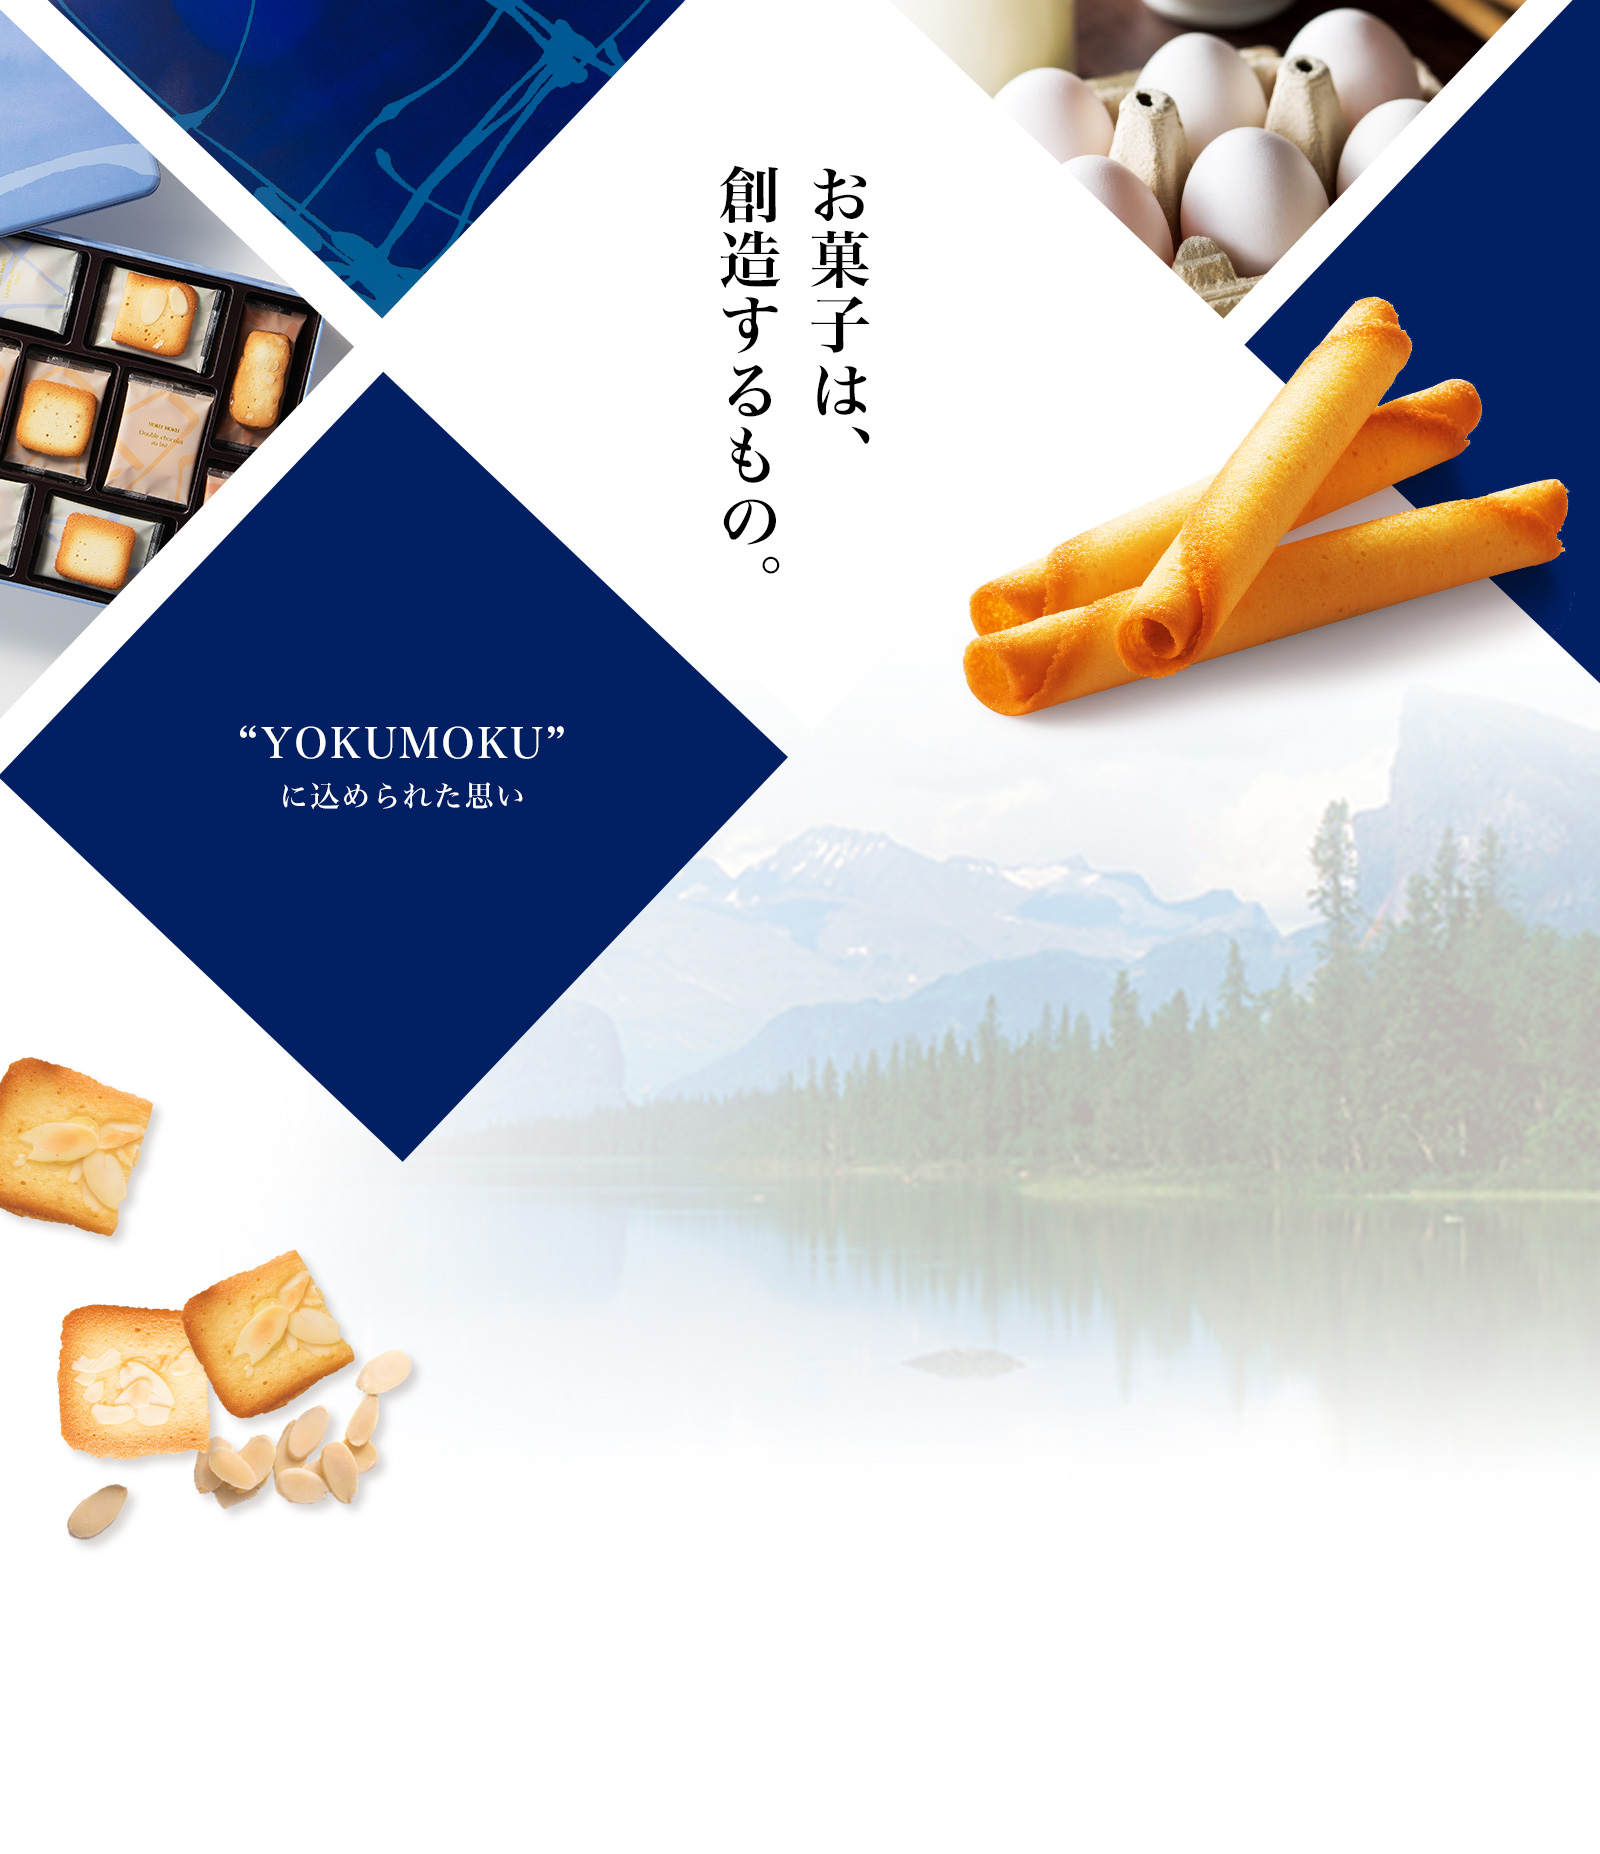 お菓子は創造するもの YOKUMOKUに込められた思い